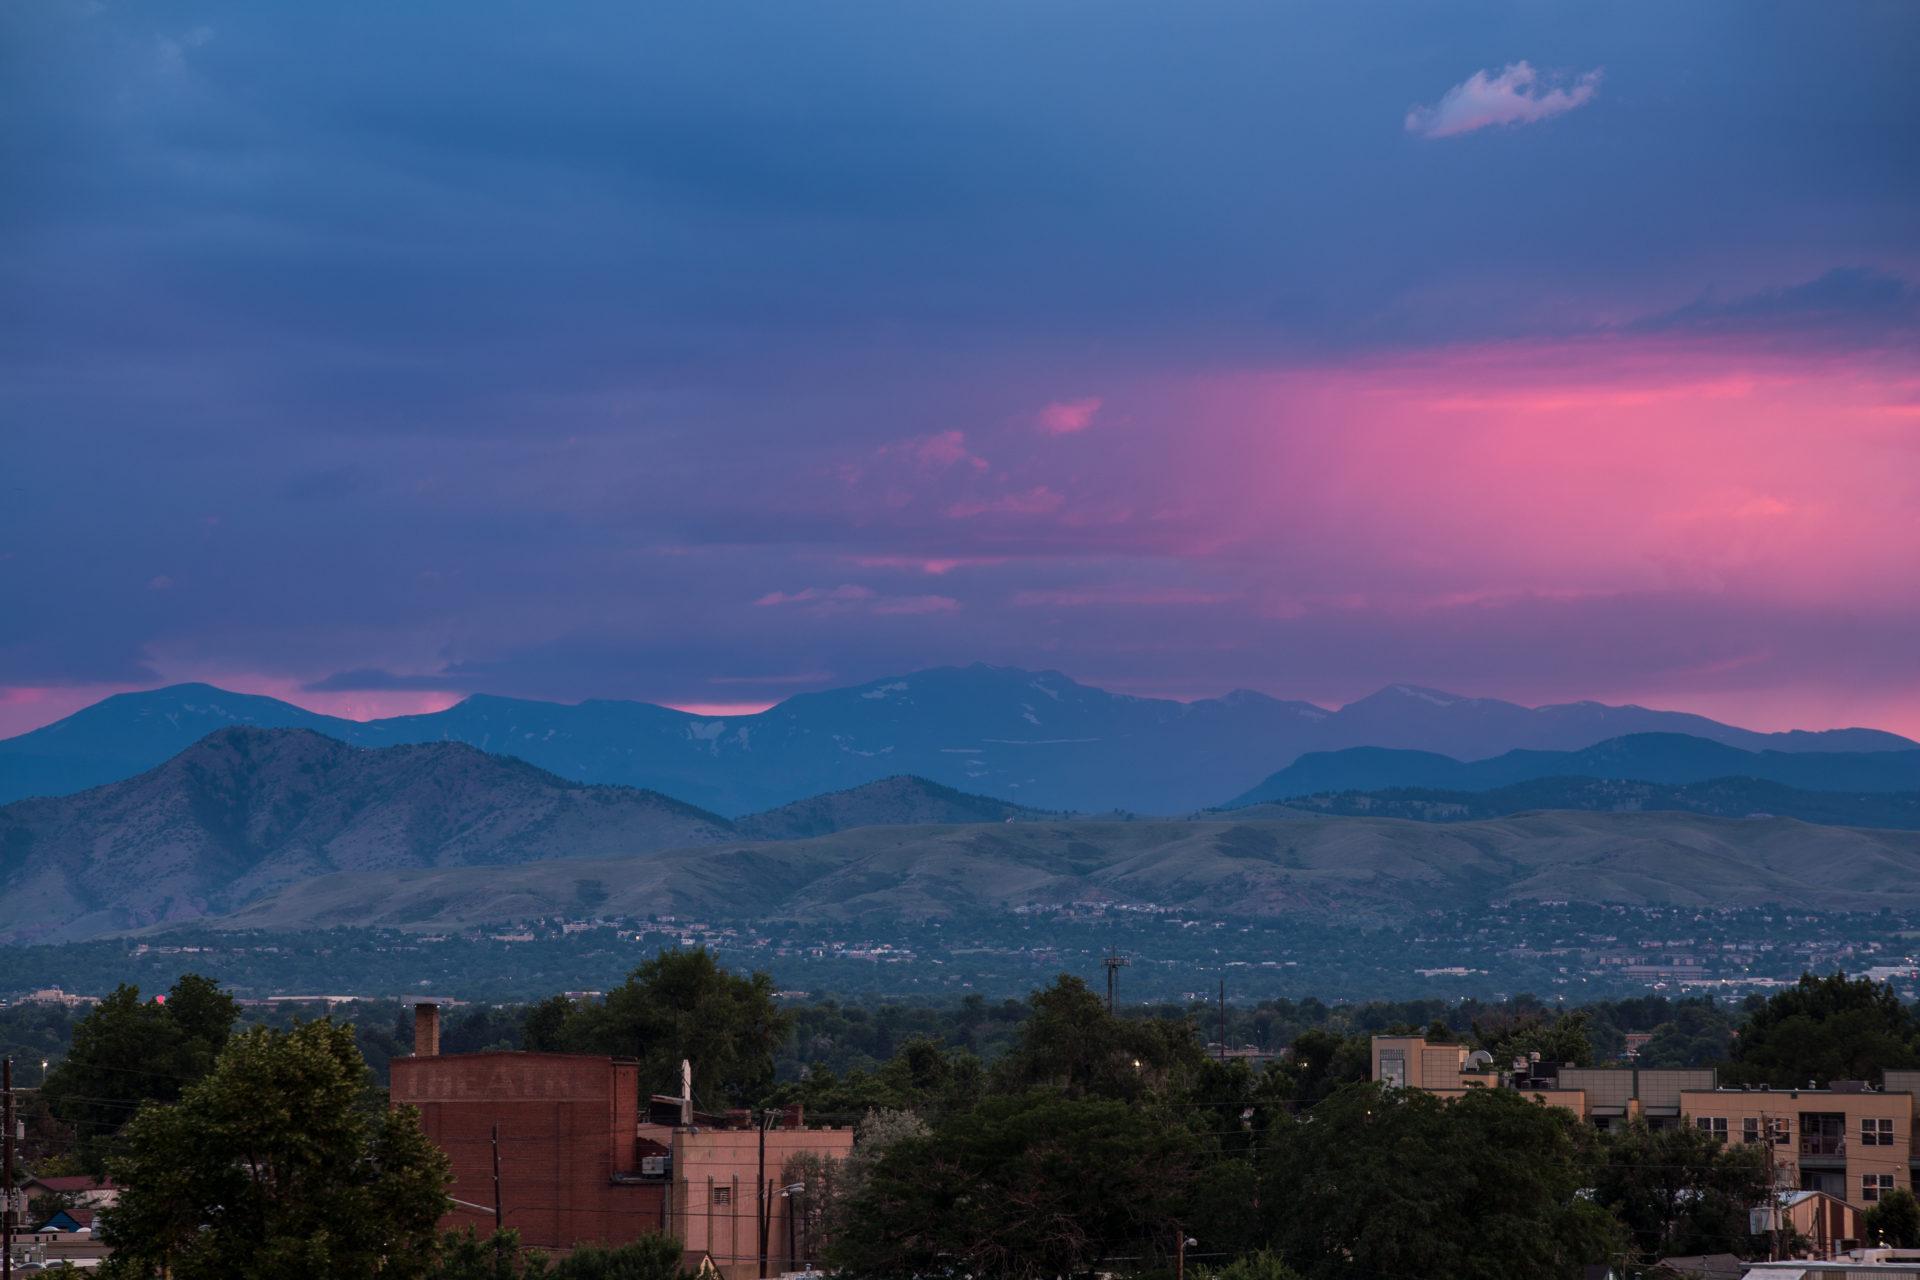 Mount Evans sunset - July 15, 2011